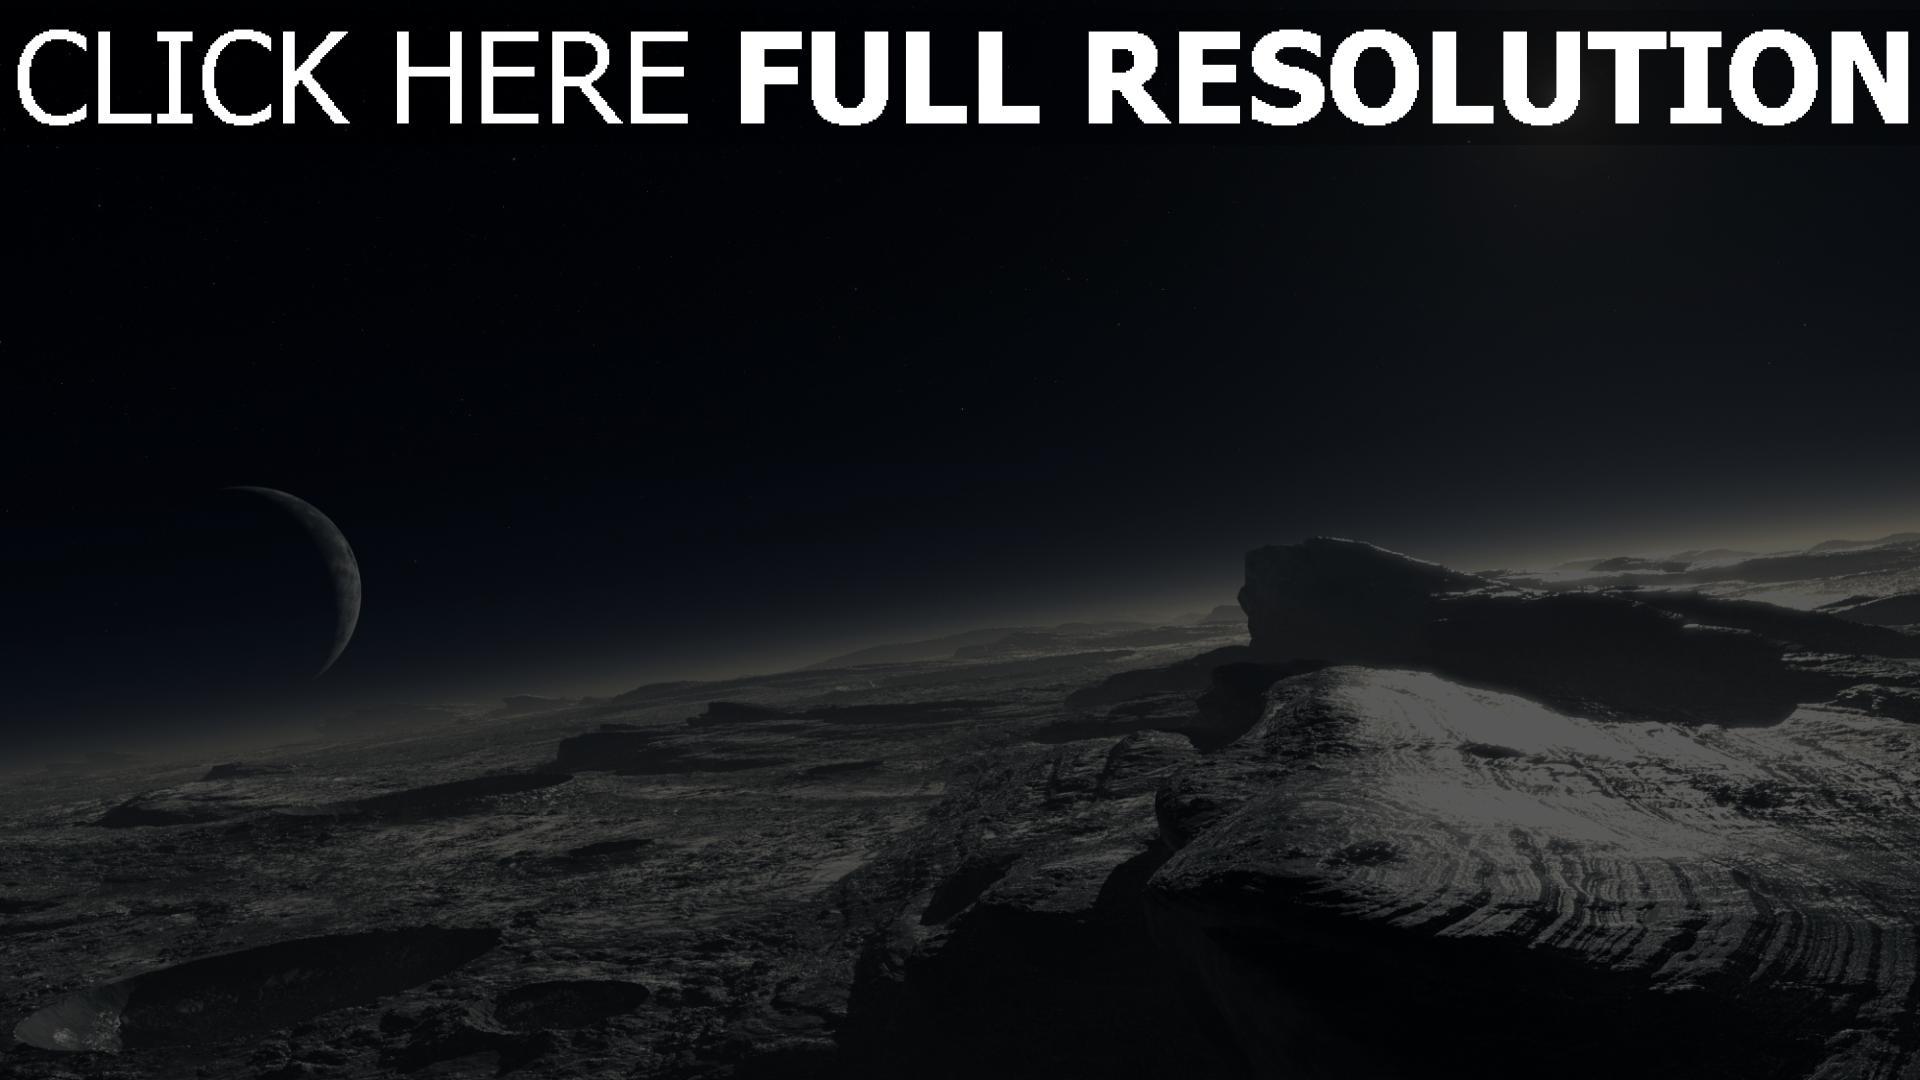 fond d'écran 1920x1080 surface planète desert satellite